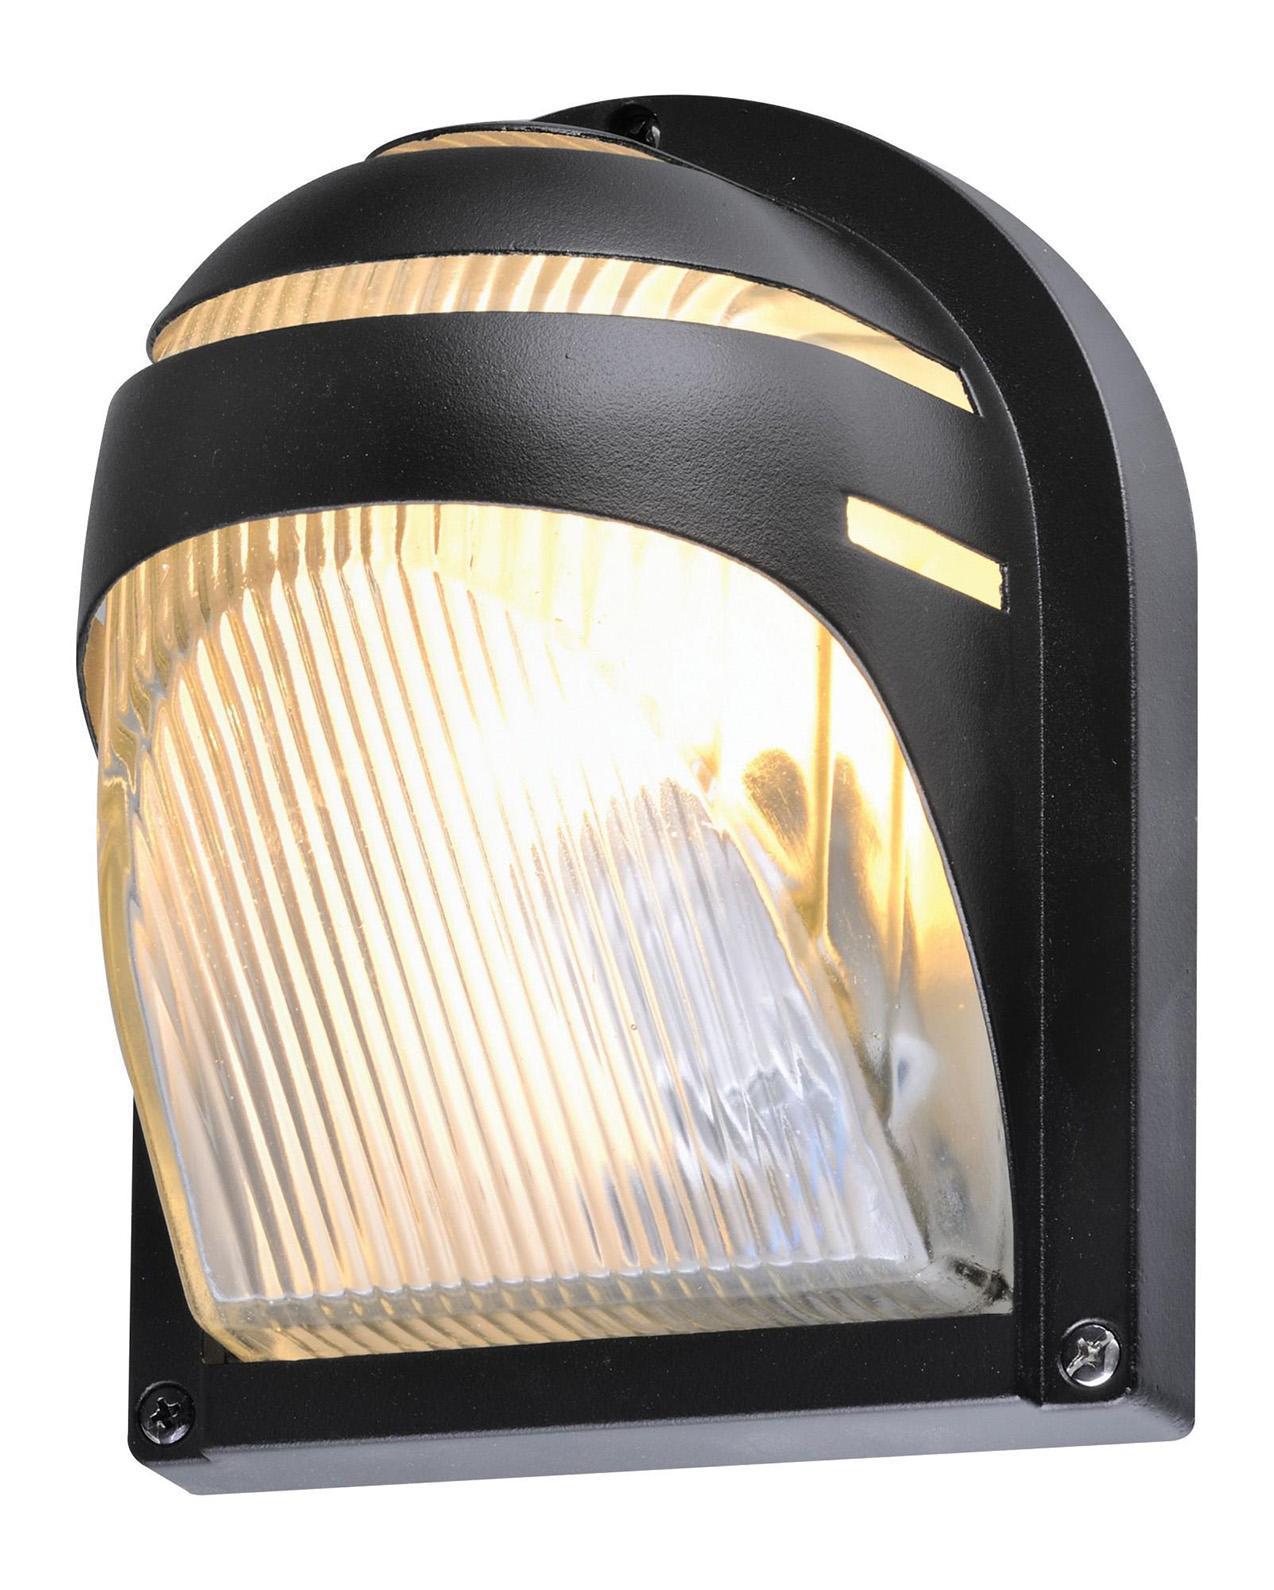 Купить Светильник уличный Arte lamp A2802al-1bk